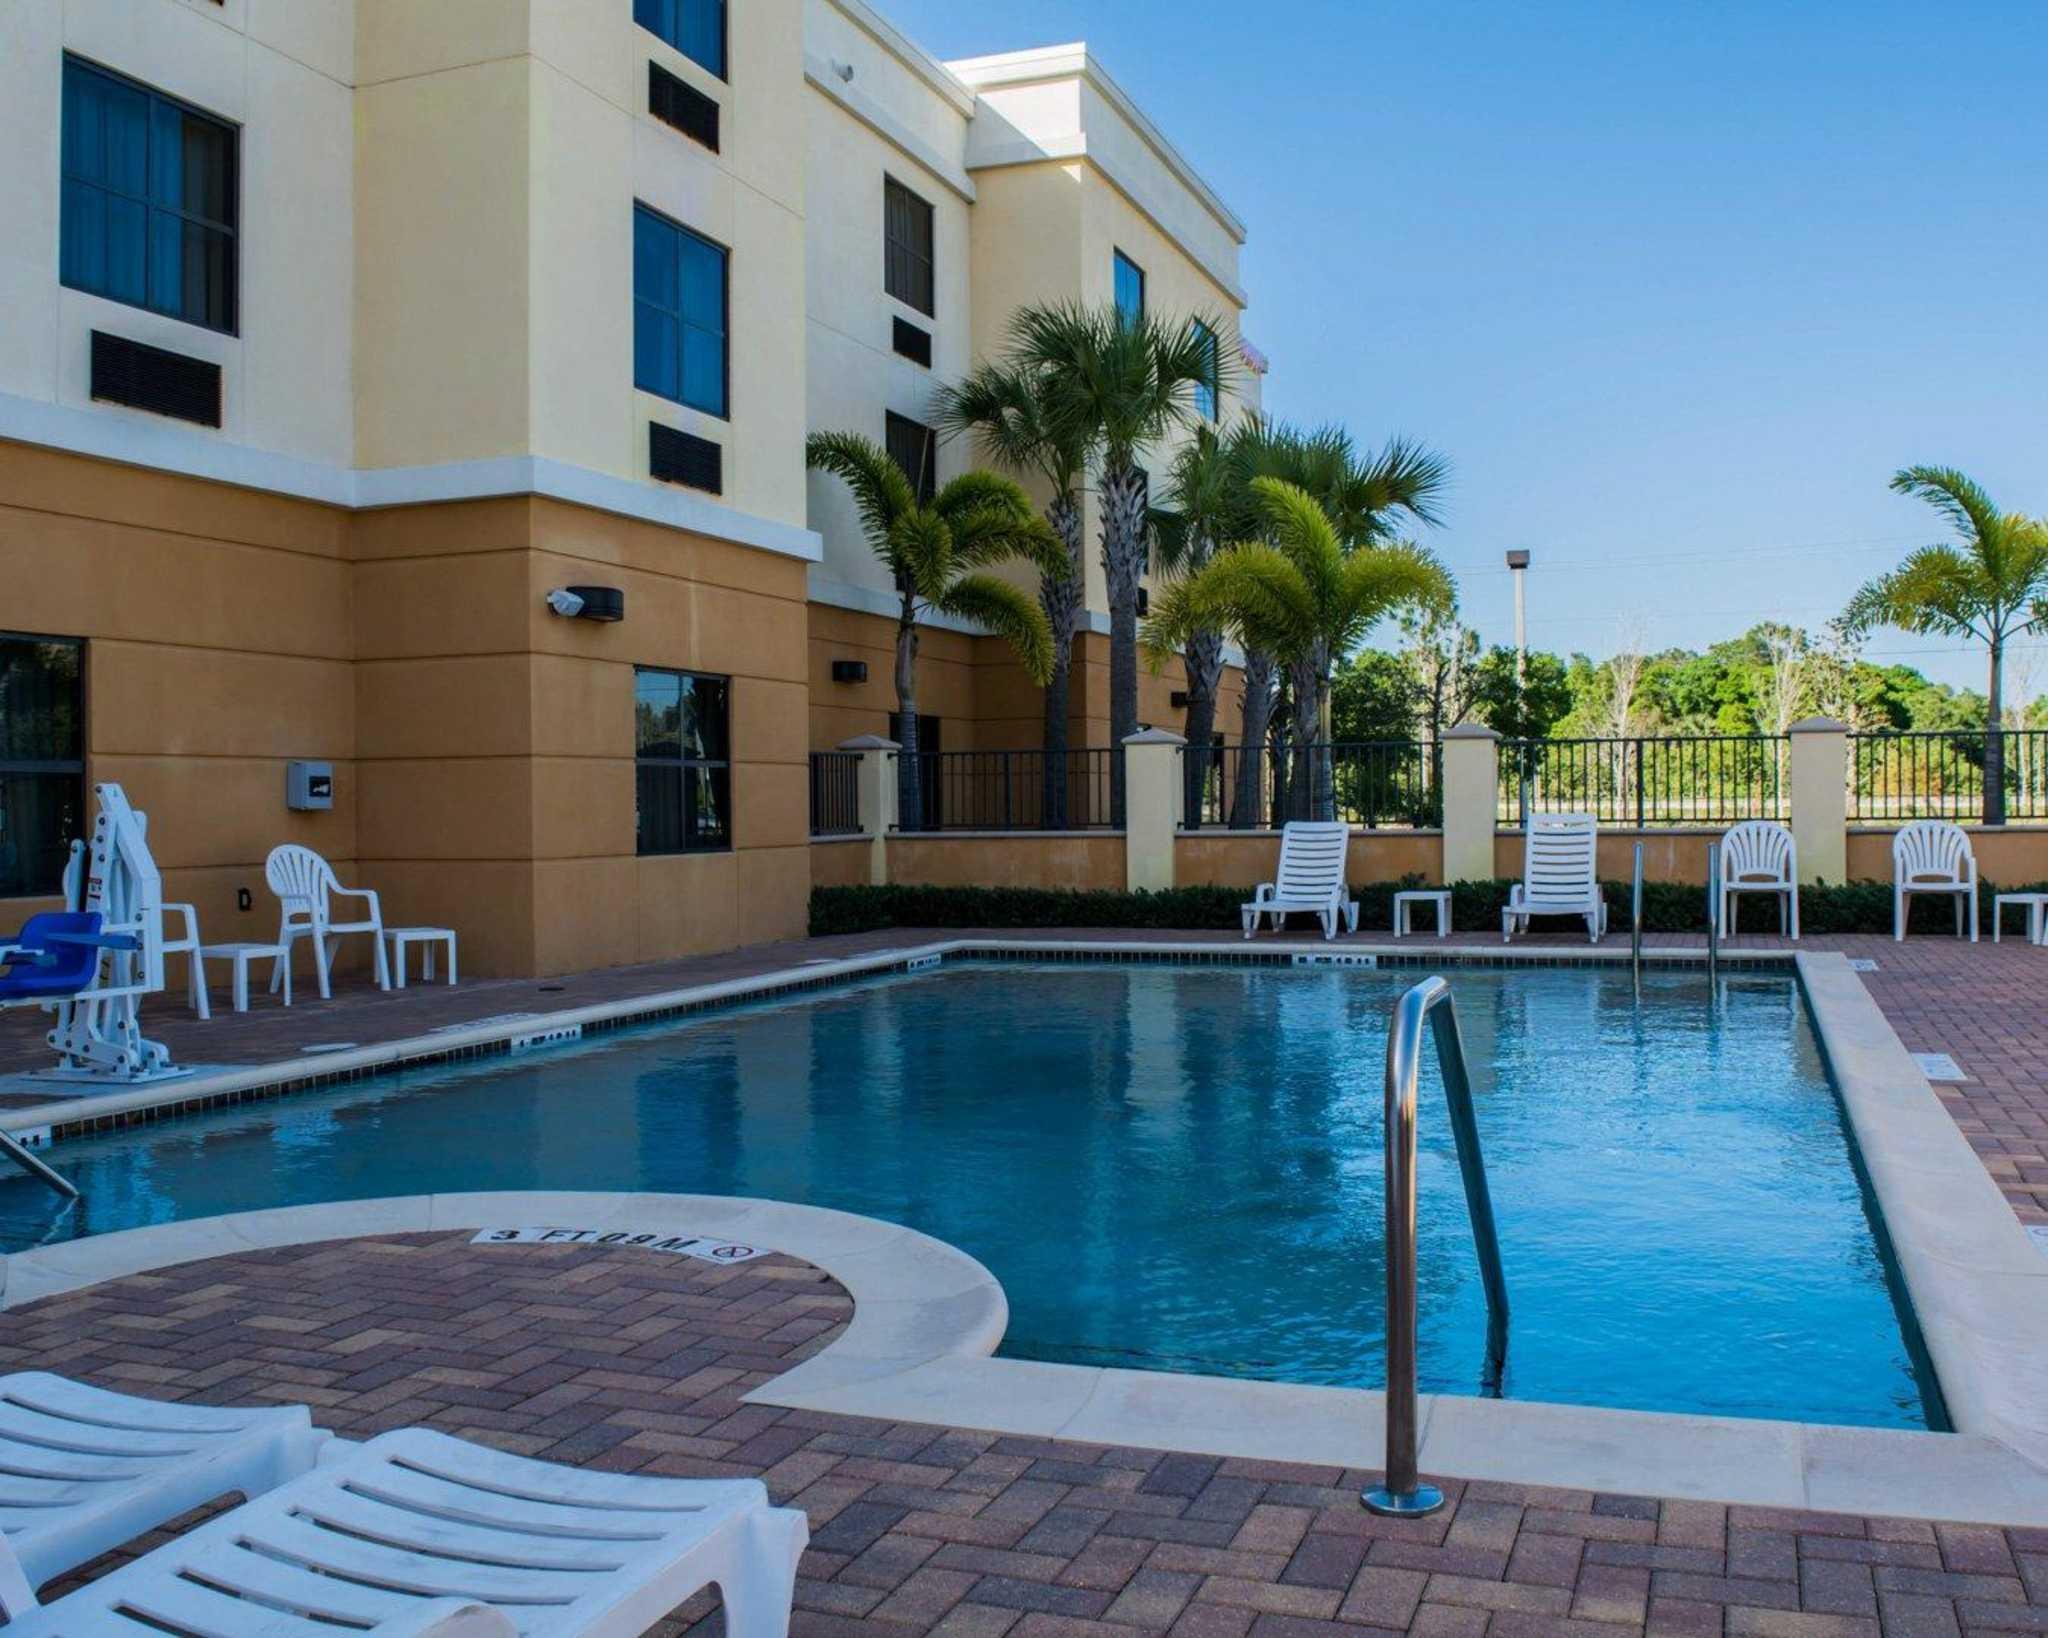 Comfort Inn Suites Vero Beach Florida